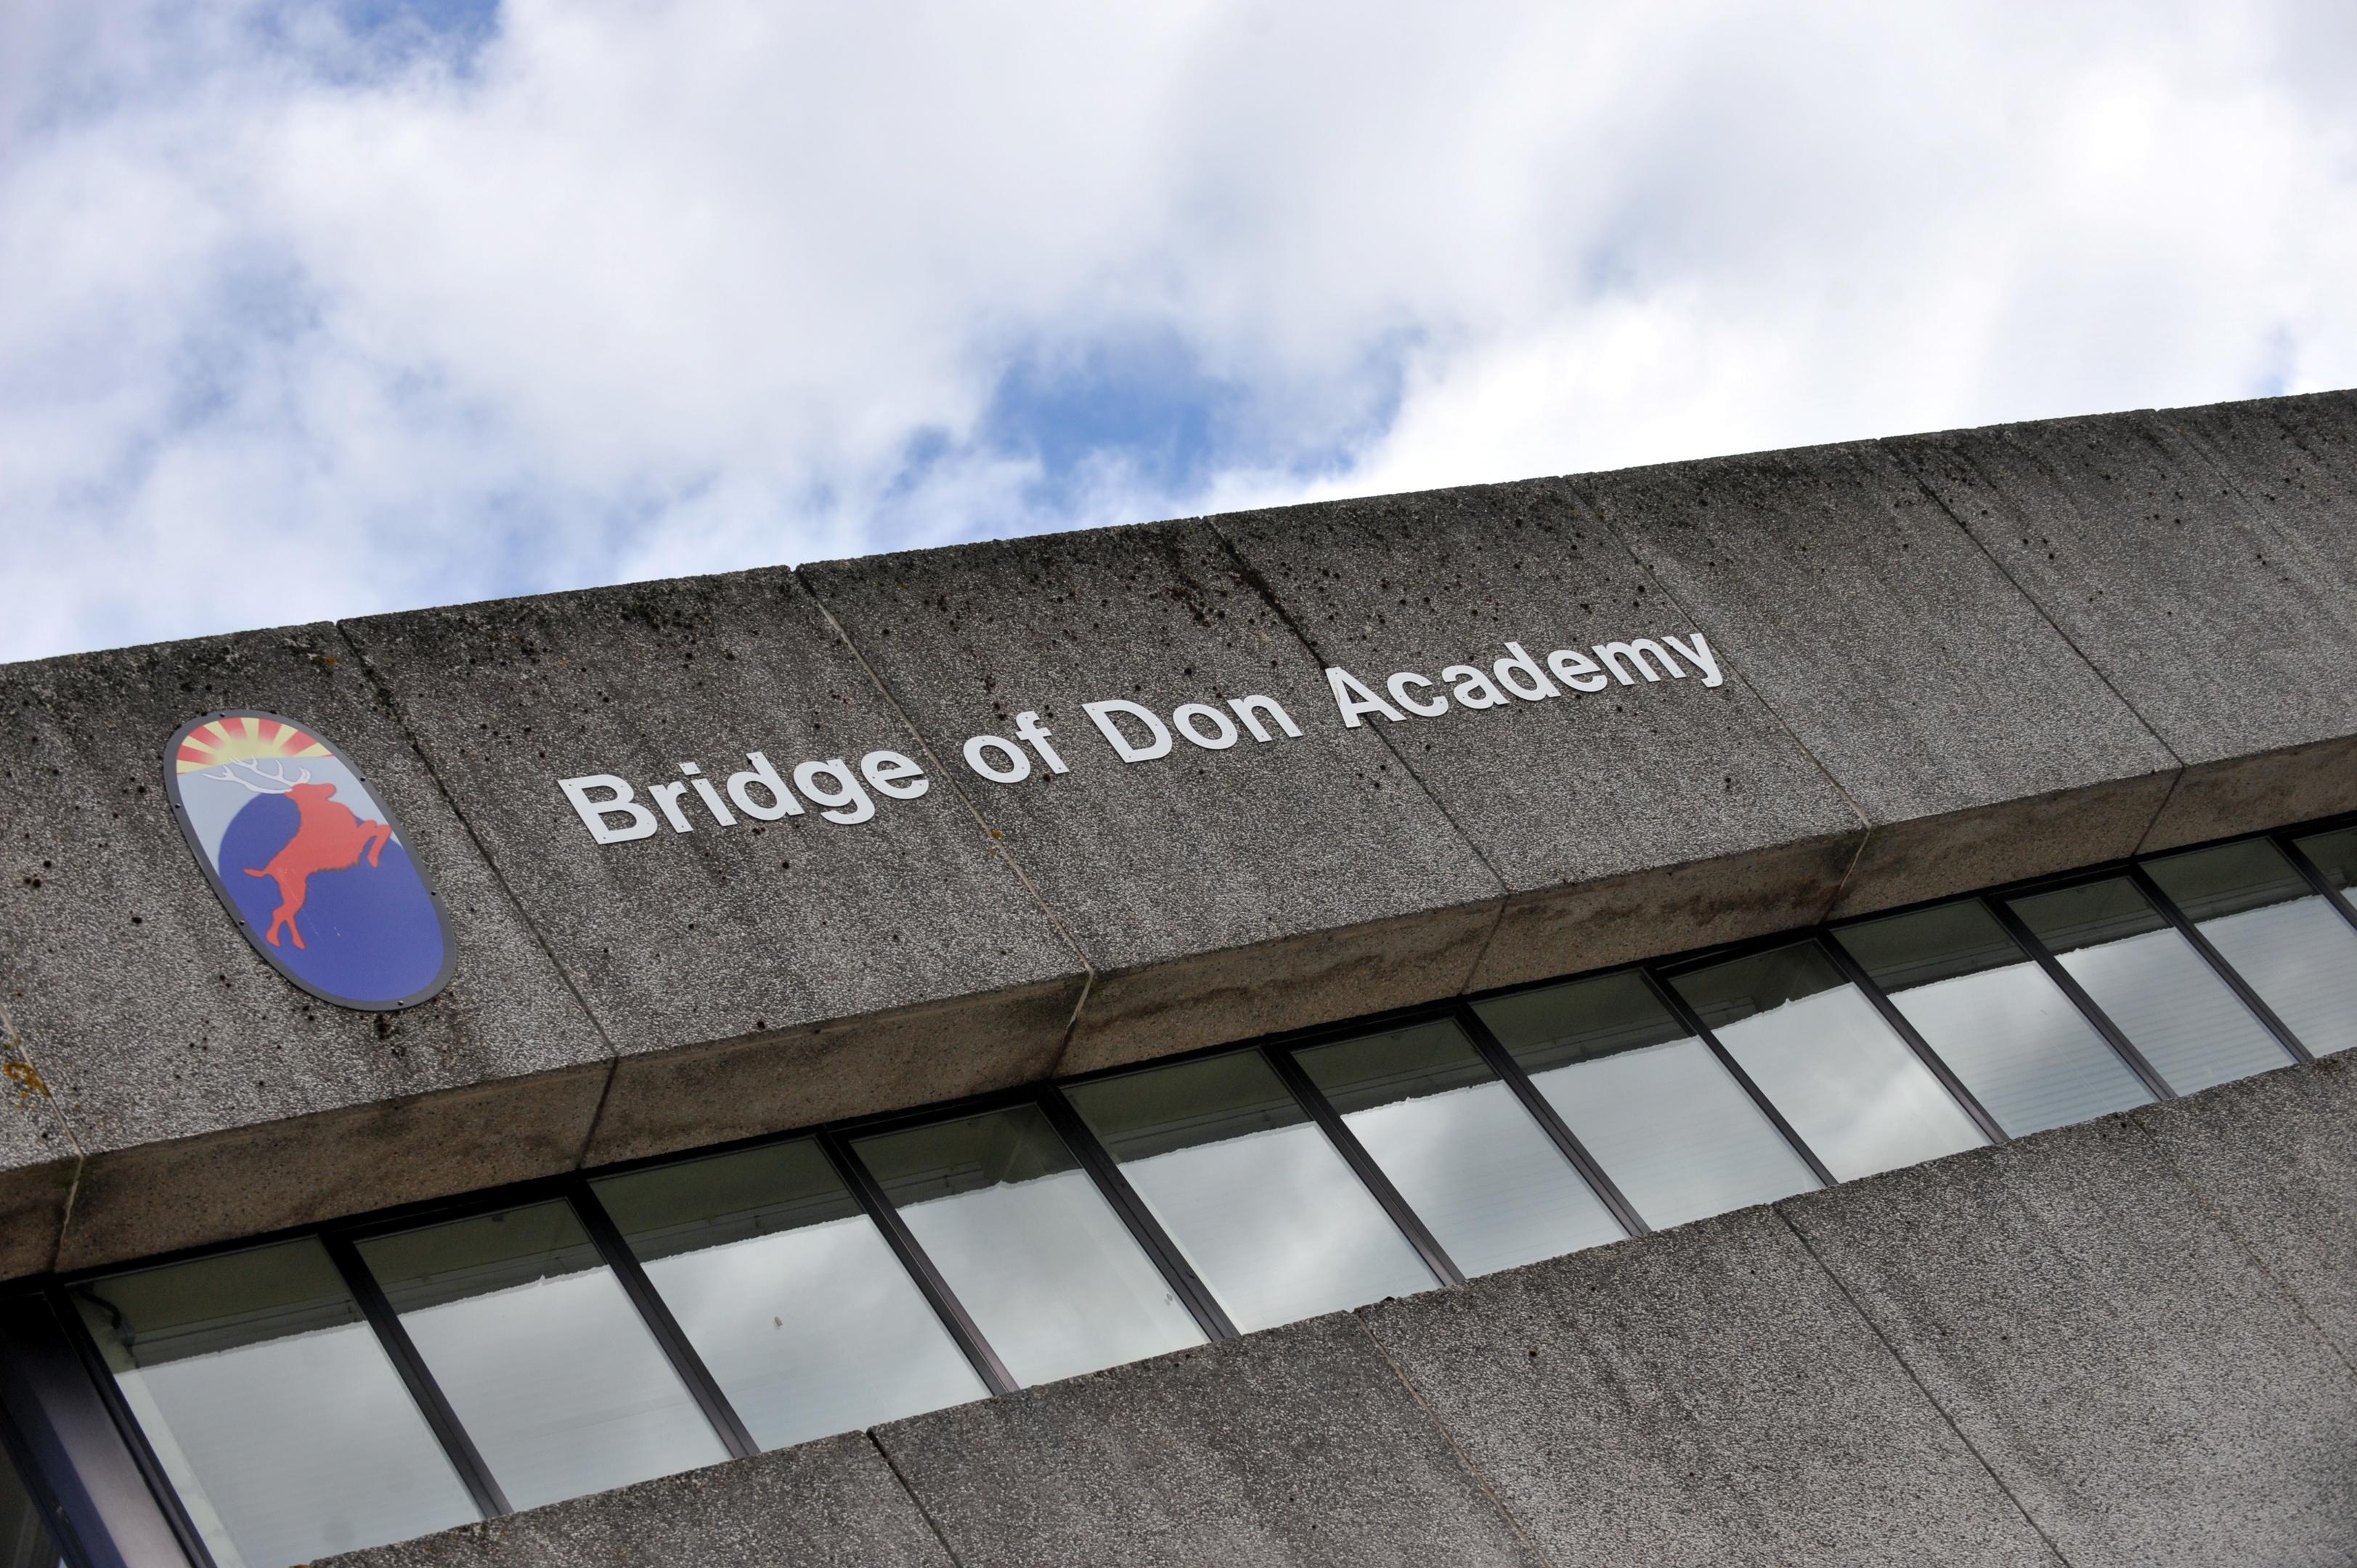 Bridge of Don Academy